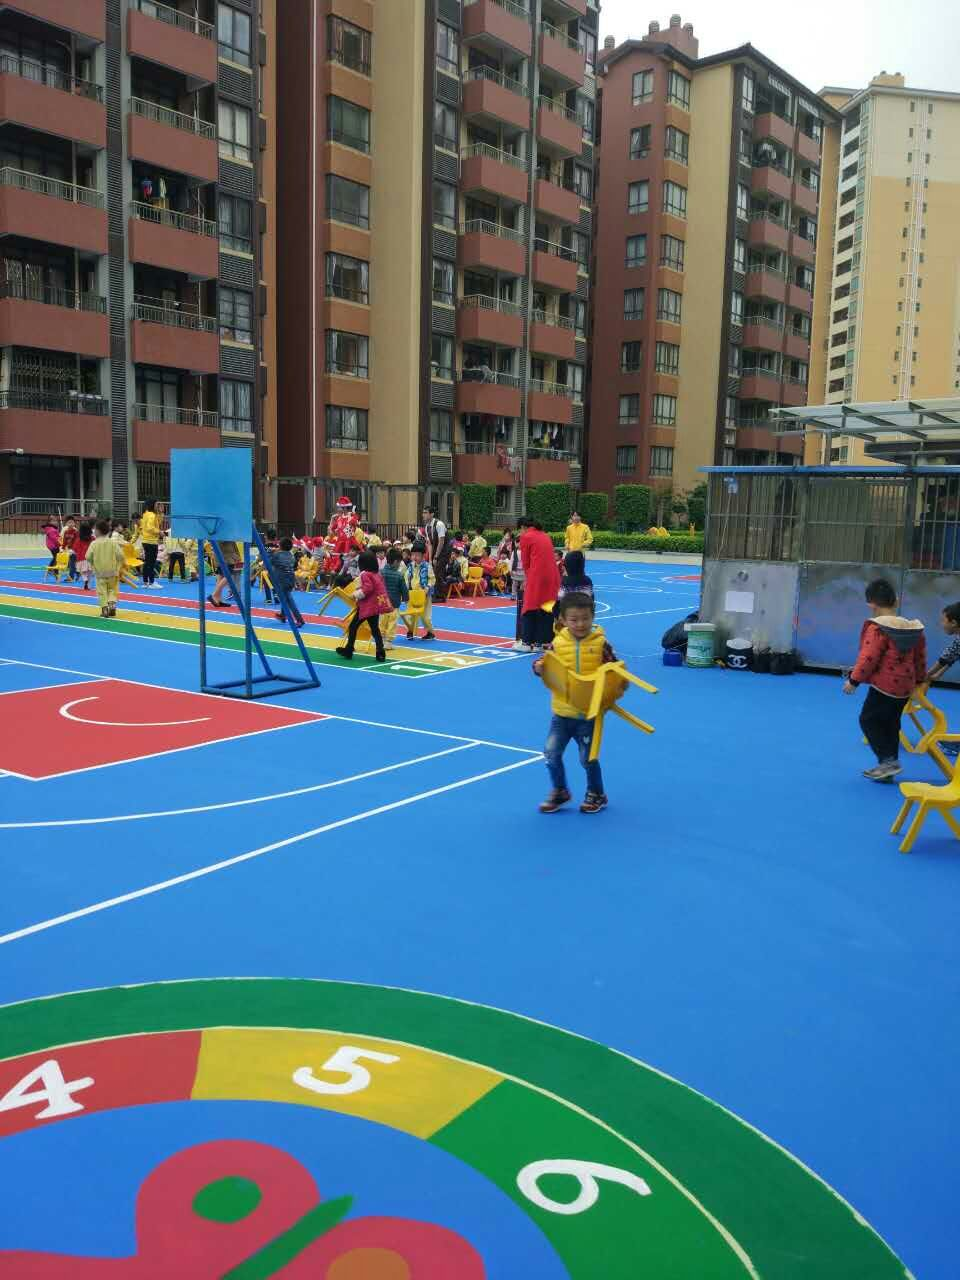 中山市三乡中心城幼儿园运动场-彩色丙烯酸地面